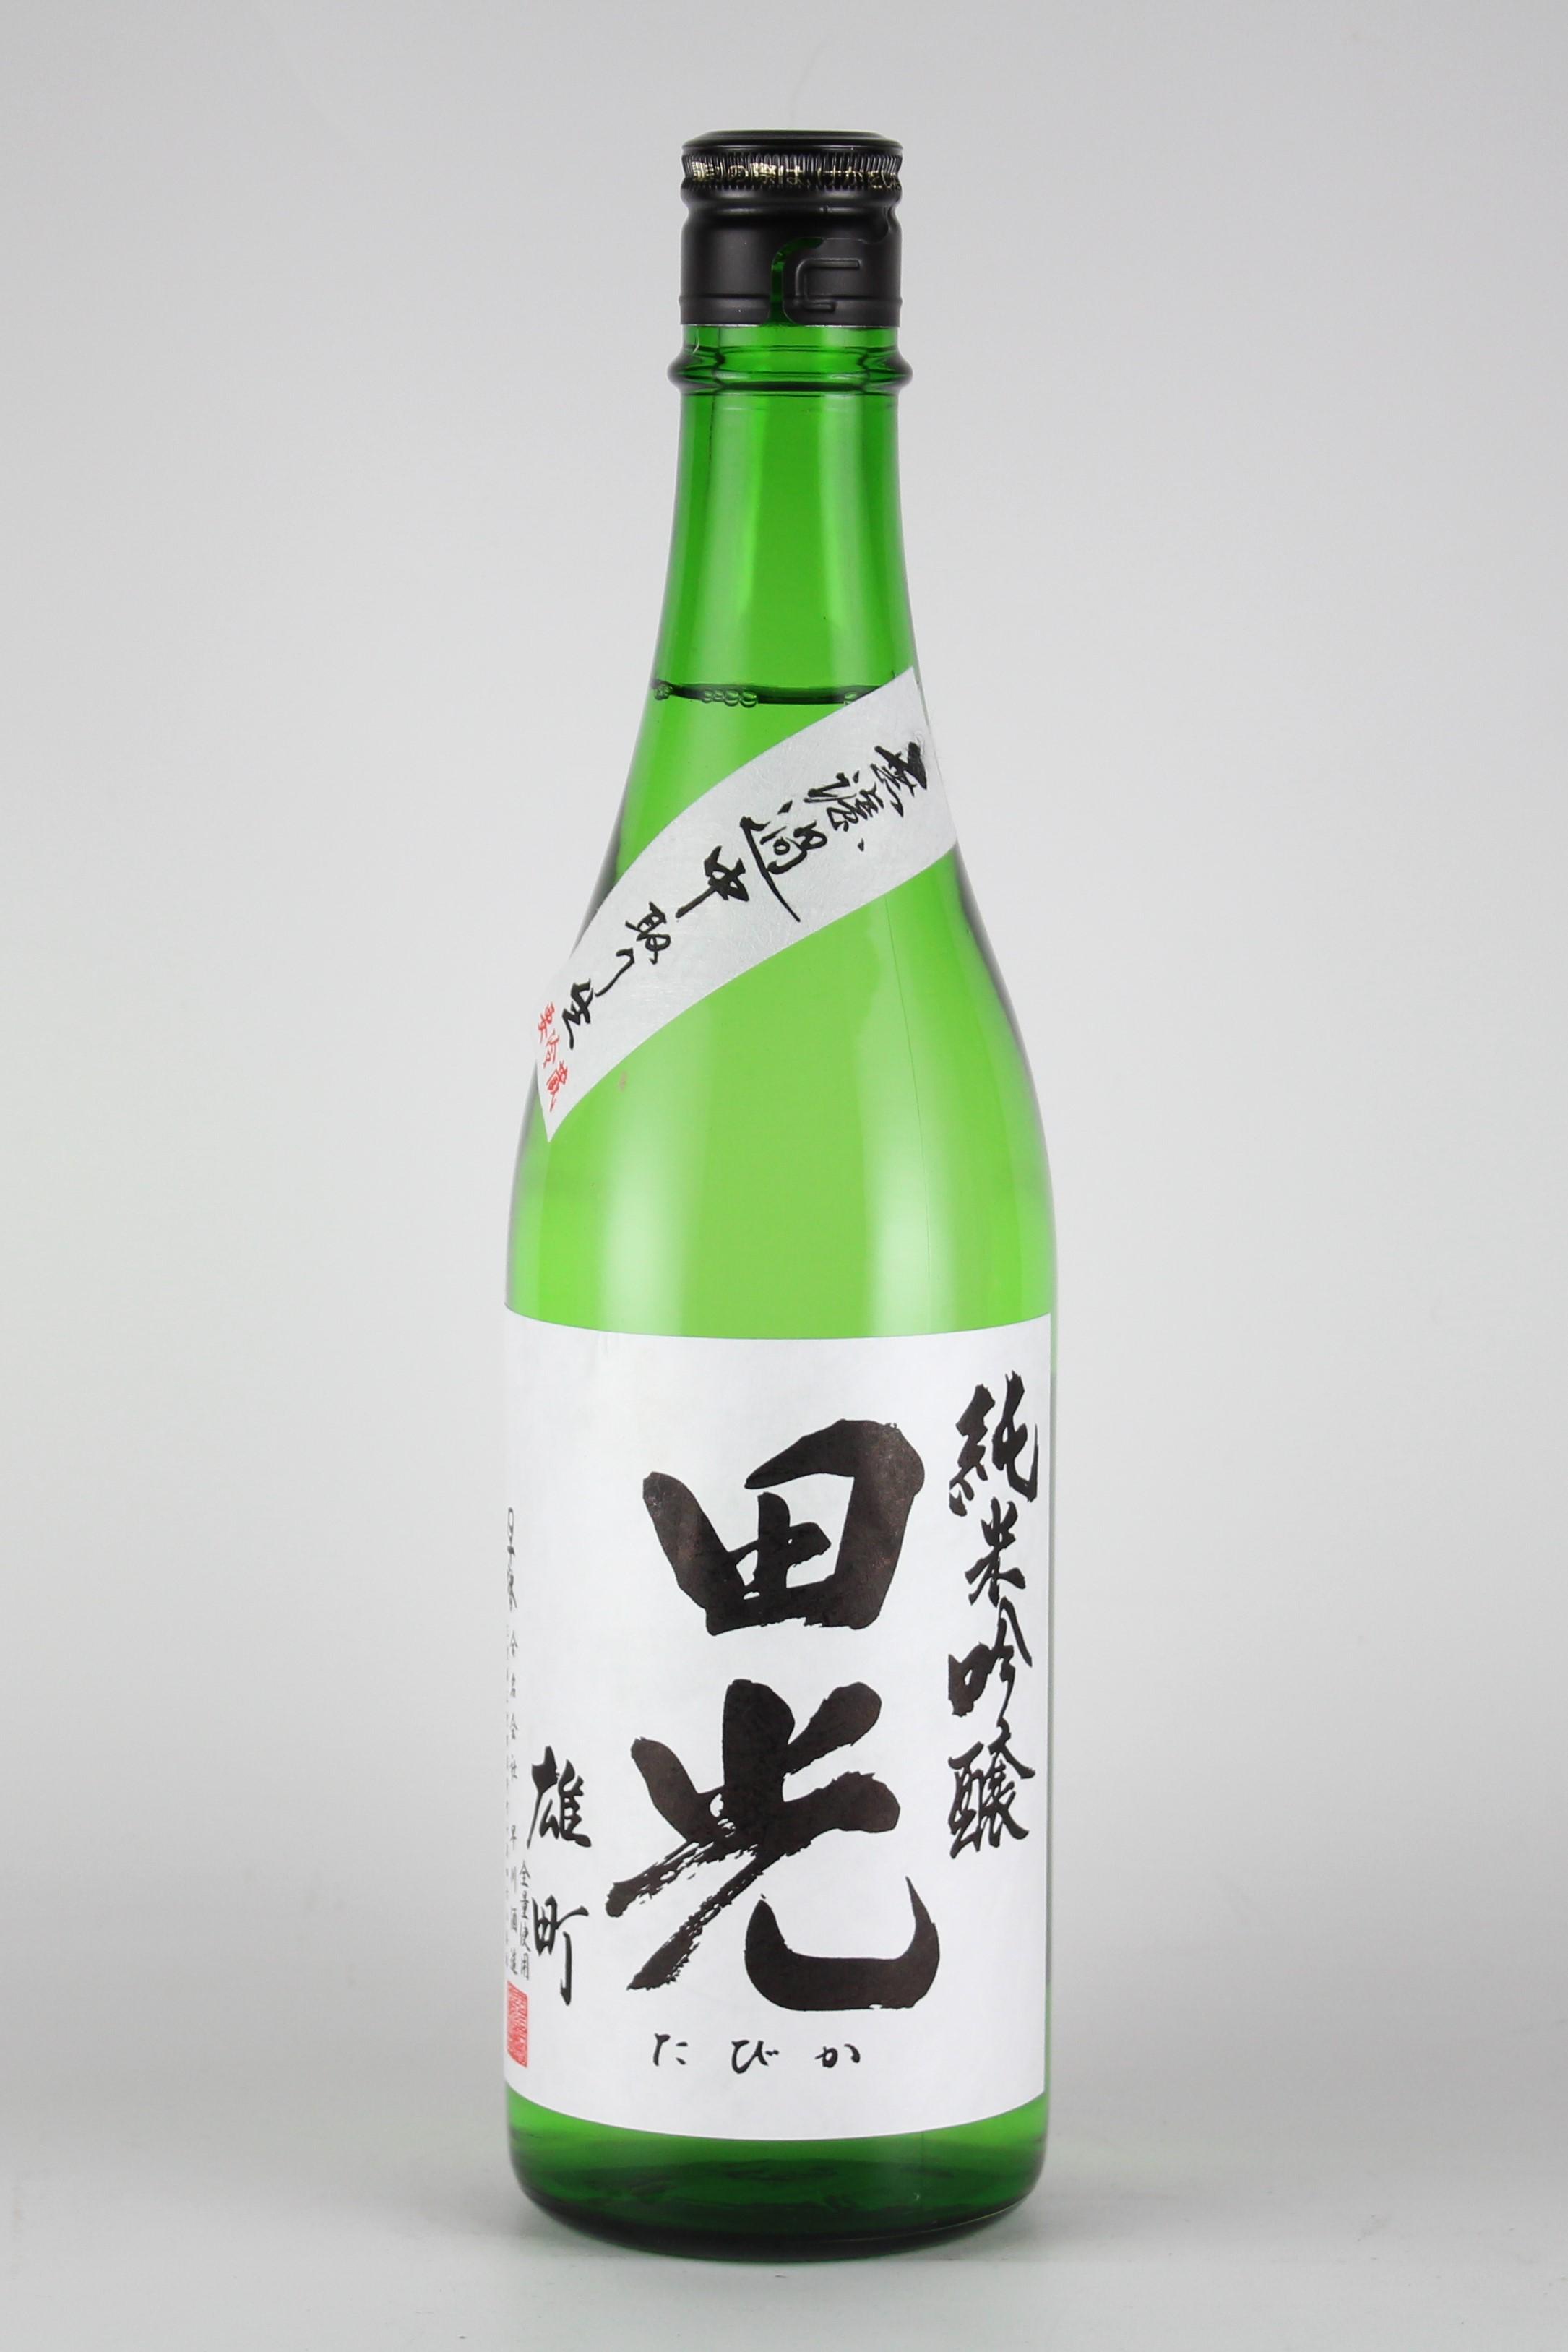 田光2019 純米吟醸無濾過生原酒 雄町 中取り 720ml 【三重/早川酒造】